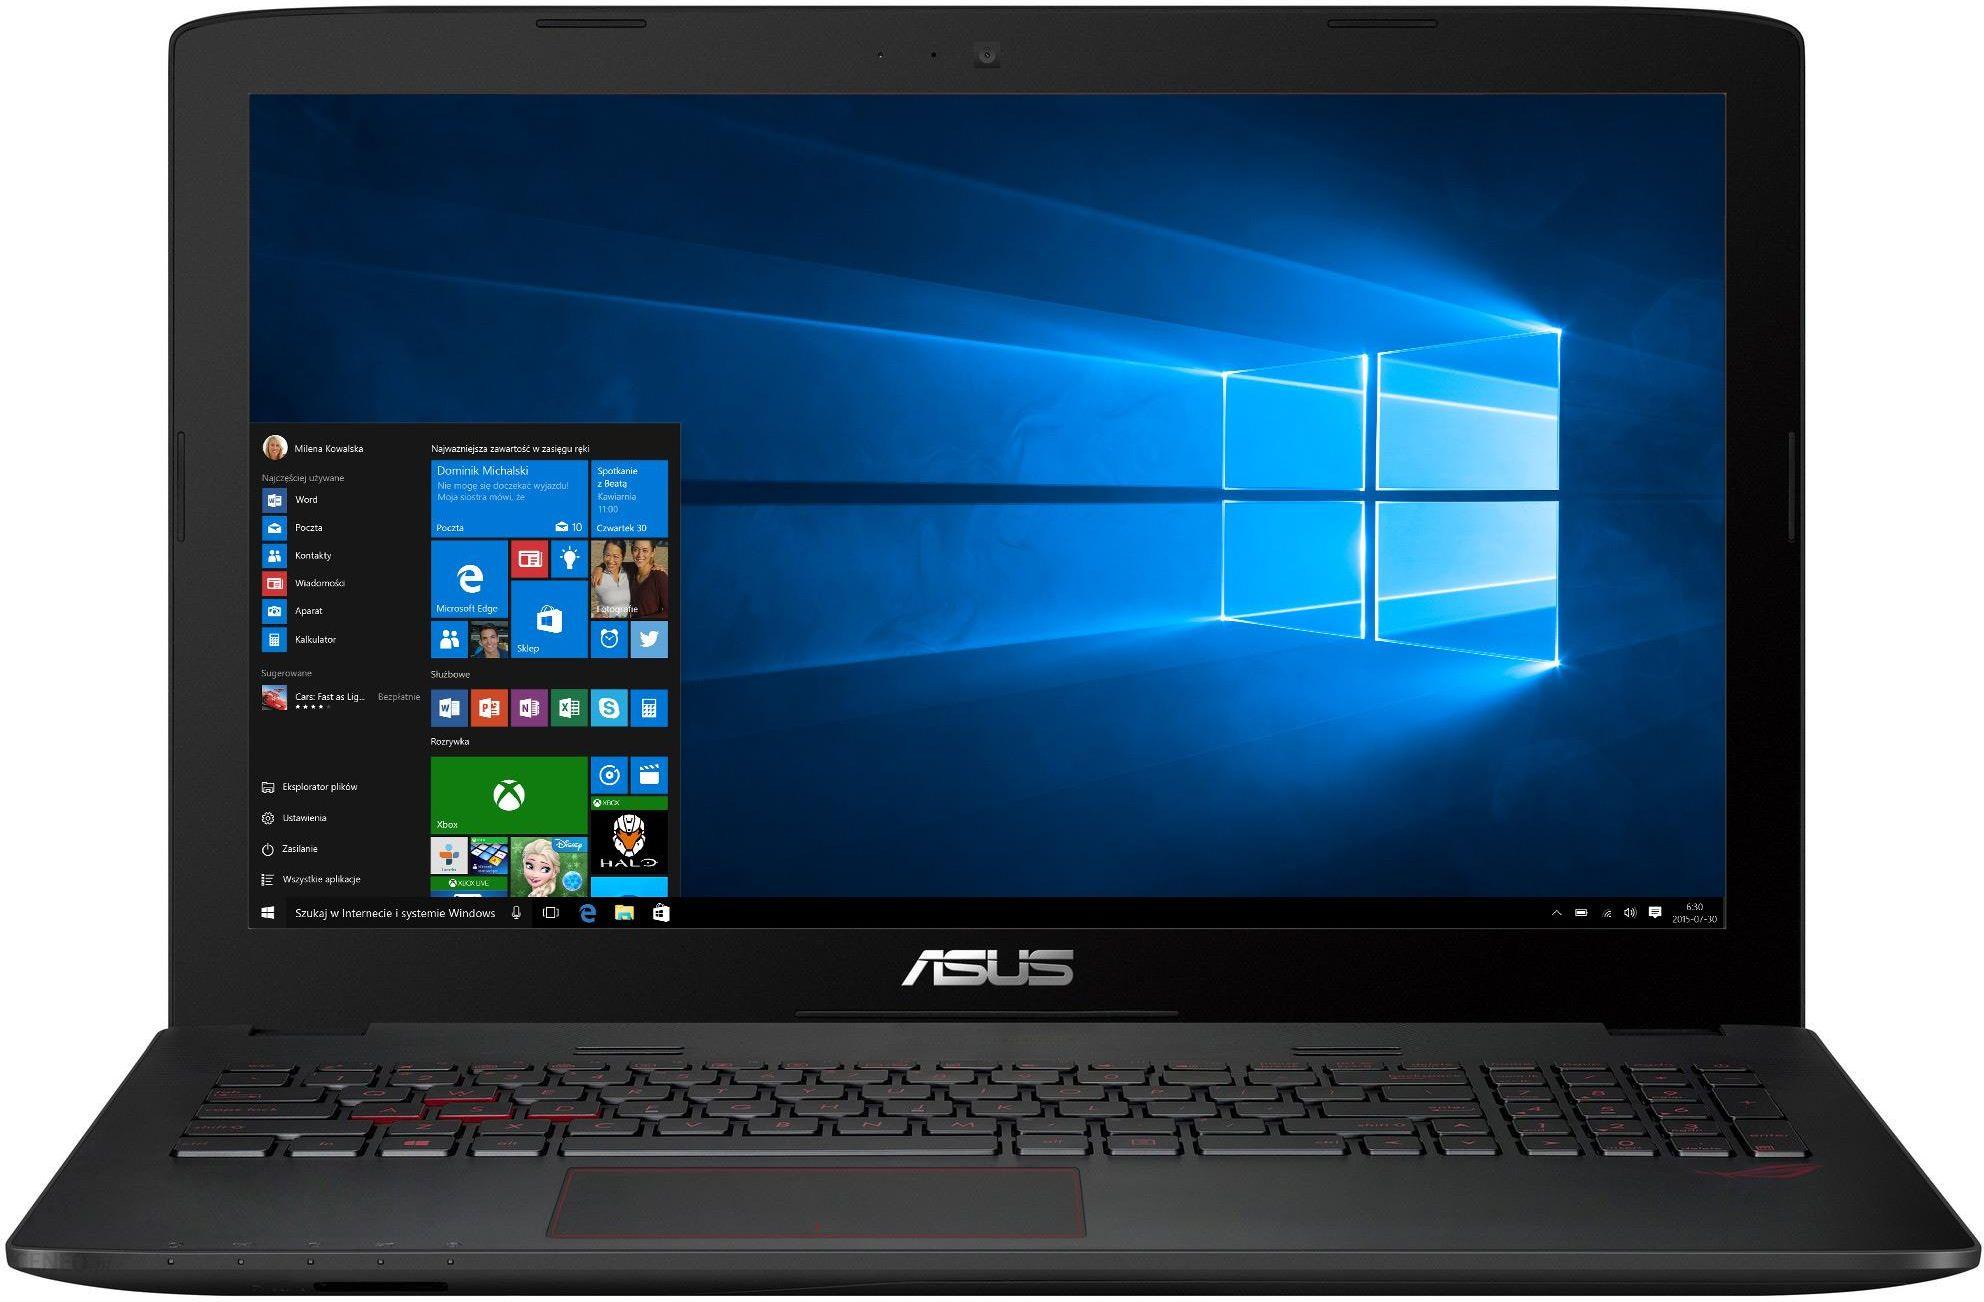 Laptop ASUS GL552VW XO169T zdjęcie 1